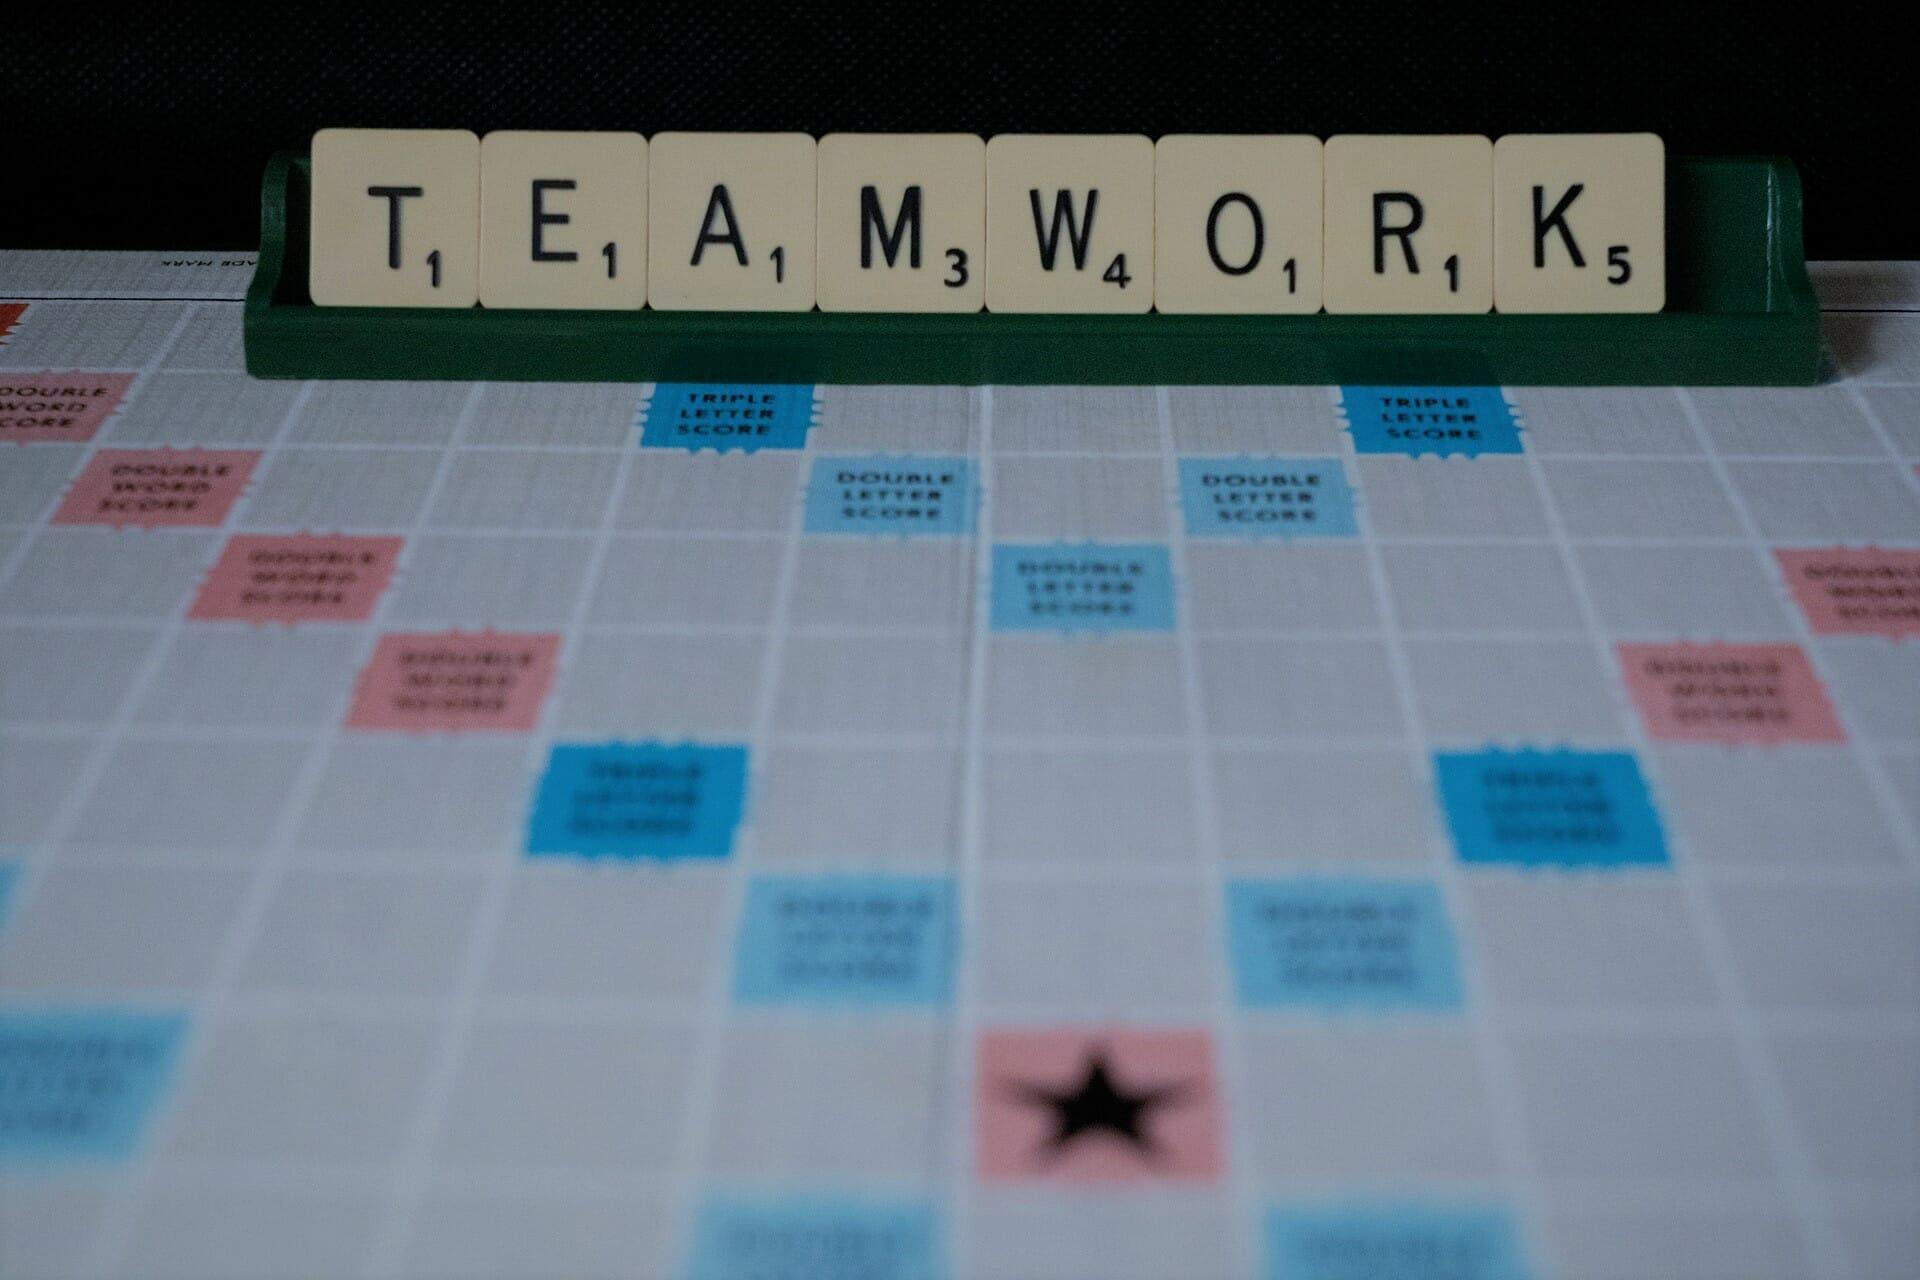 Aprendizagem autodirigida e teamwork